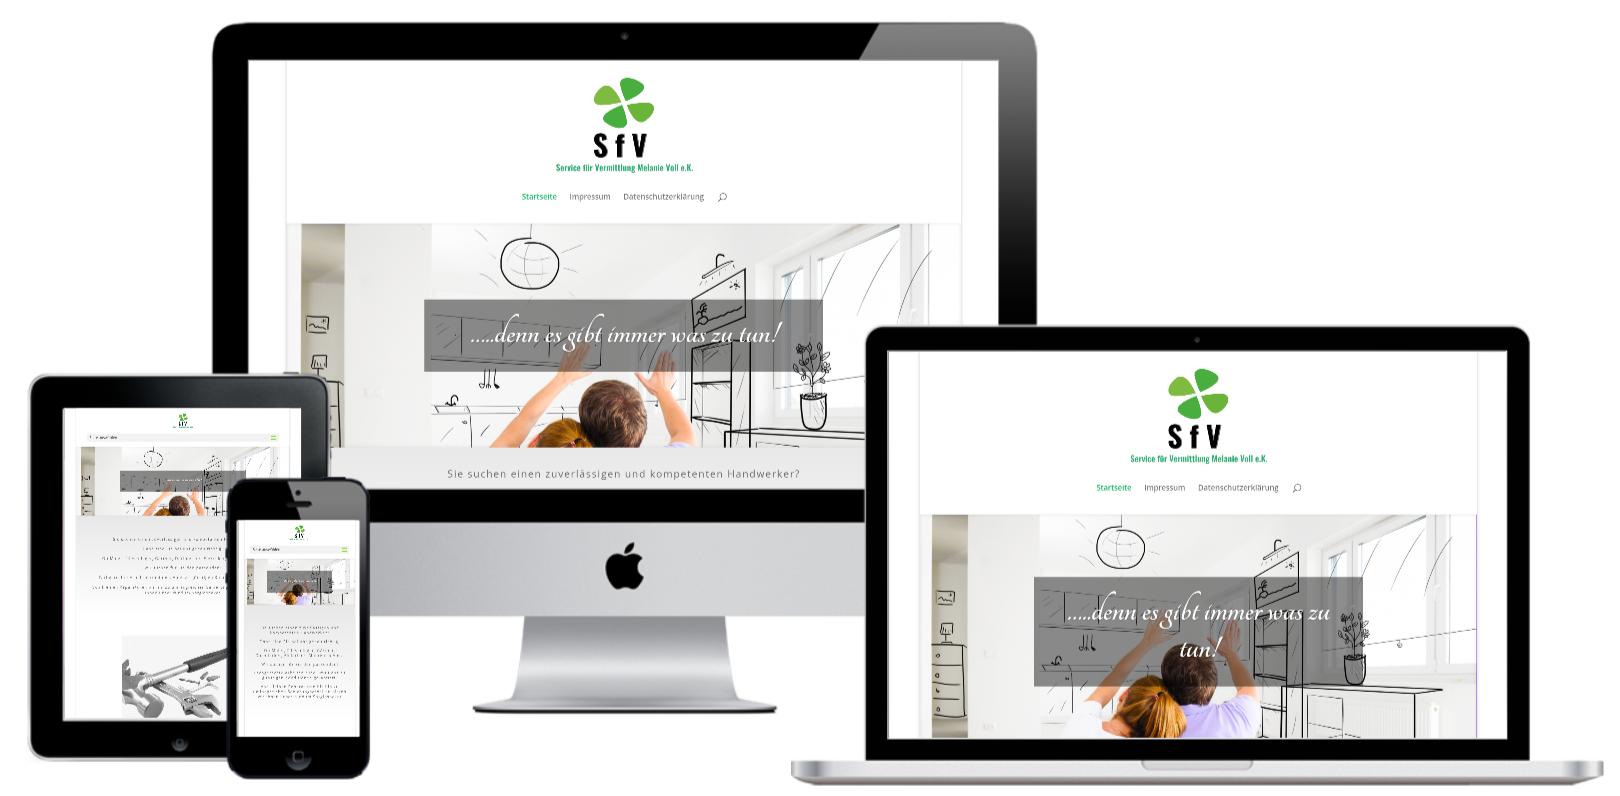 Referenzen Webdesign Grafikdesign Homepage Erstellung